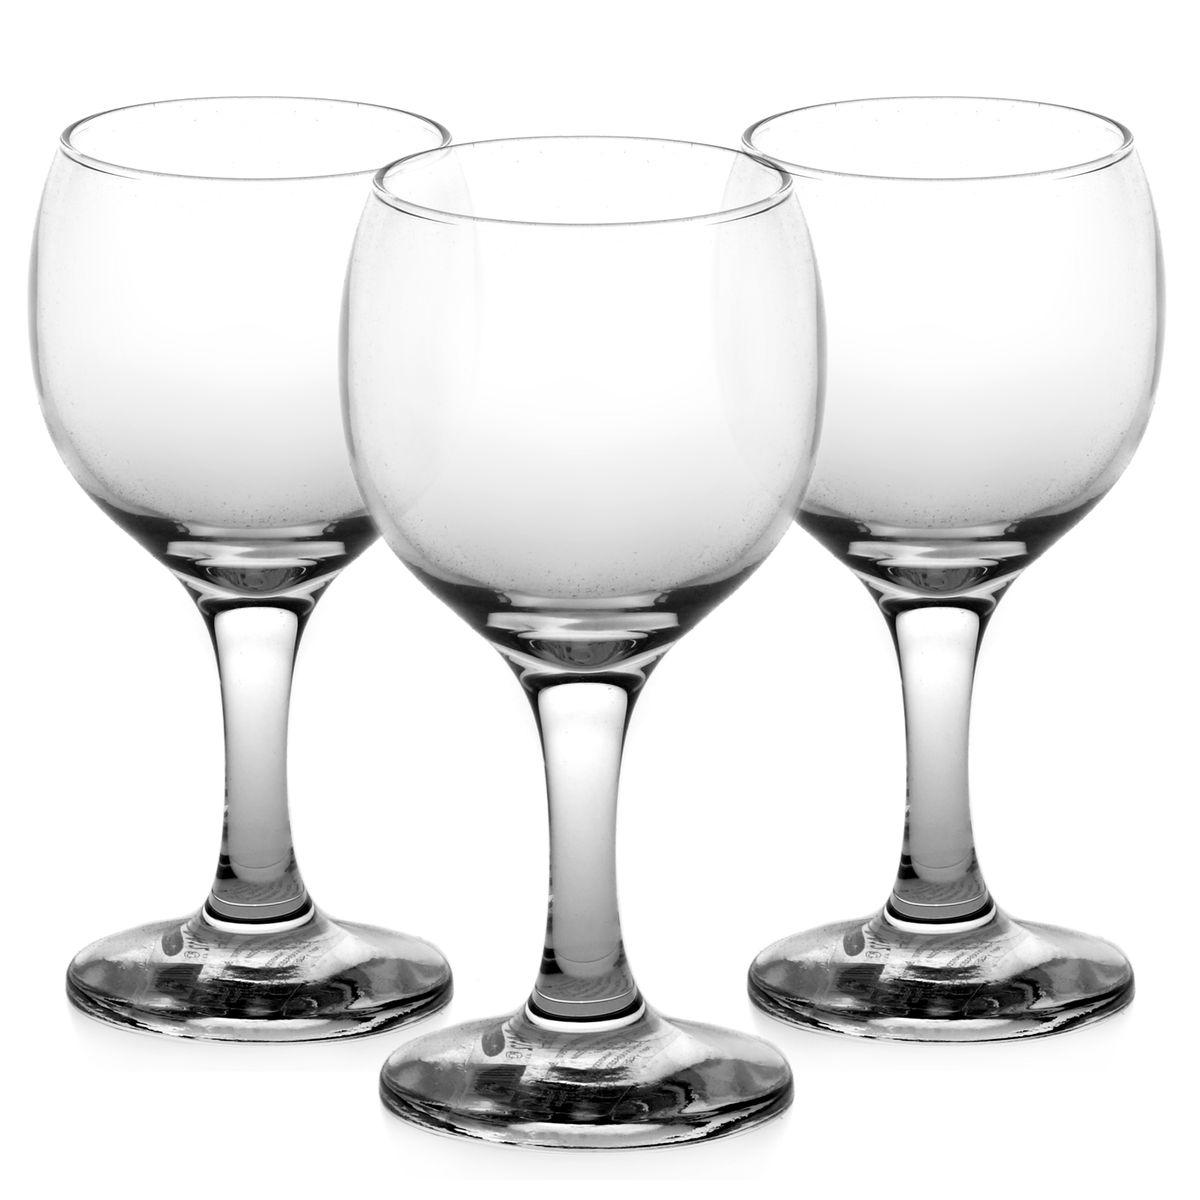 Набор бокалов для белого вина Pasabahce Bistro, 175 мл, 3 шт44668BНабор Pasabahce Bistro состоит из трех бокалов, изготовленных из прочного натрий-кальций-силикатного стекла. Изделия, предназначенные для подачи белого вина, несомненно придутся вам по душе. Бокалы сочетают в себе элегантный дизайн и функциональность. Благодаря такому набору пить напитки будет еще вкуснее. Набор бокалов Pasabahce Bistro идеально подойдет для сервировки стола и станет отличным подарком к любому празднику.Можно мыть в посудомоечной машине и использовать в микроволновой печи. Диаметр бокала по верхнему краю: 6 см.Высота бокала: 13 см.